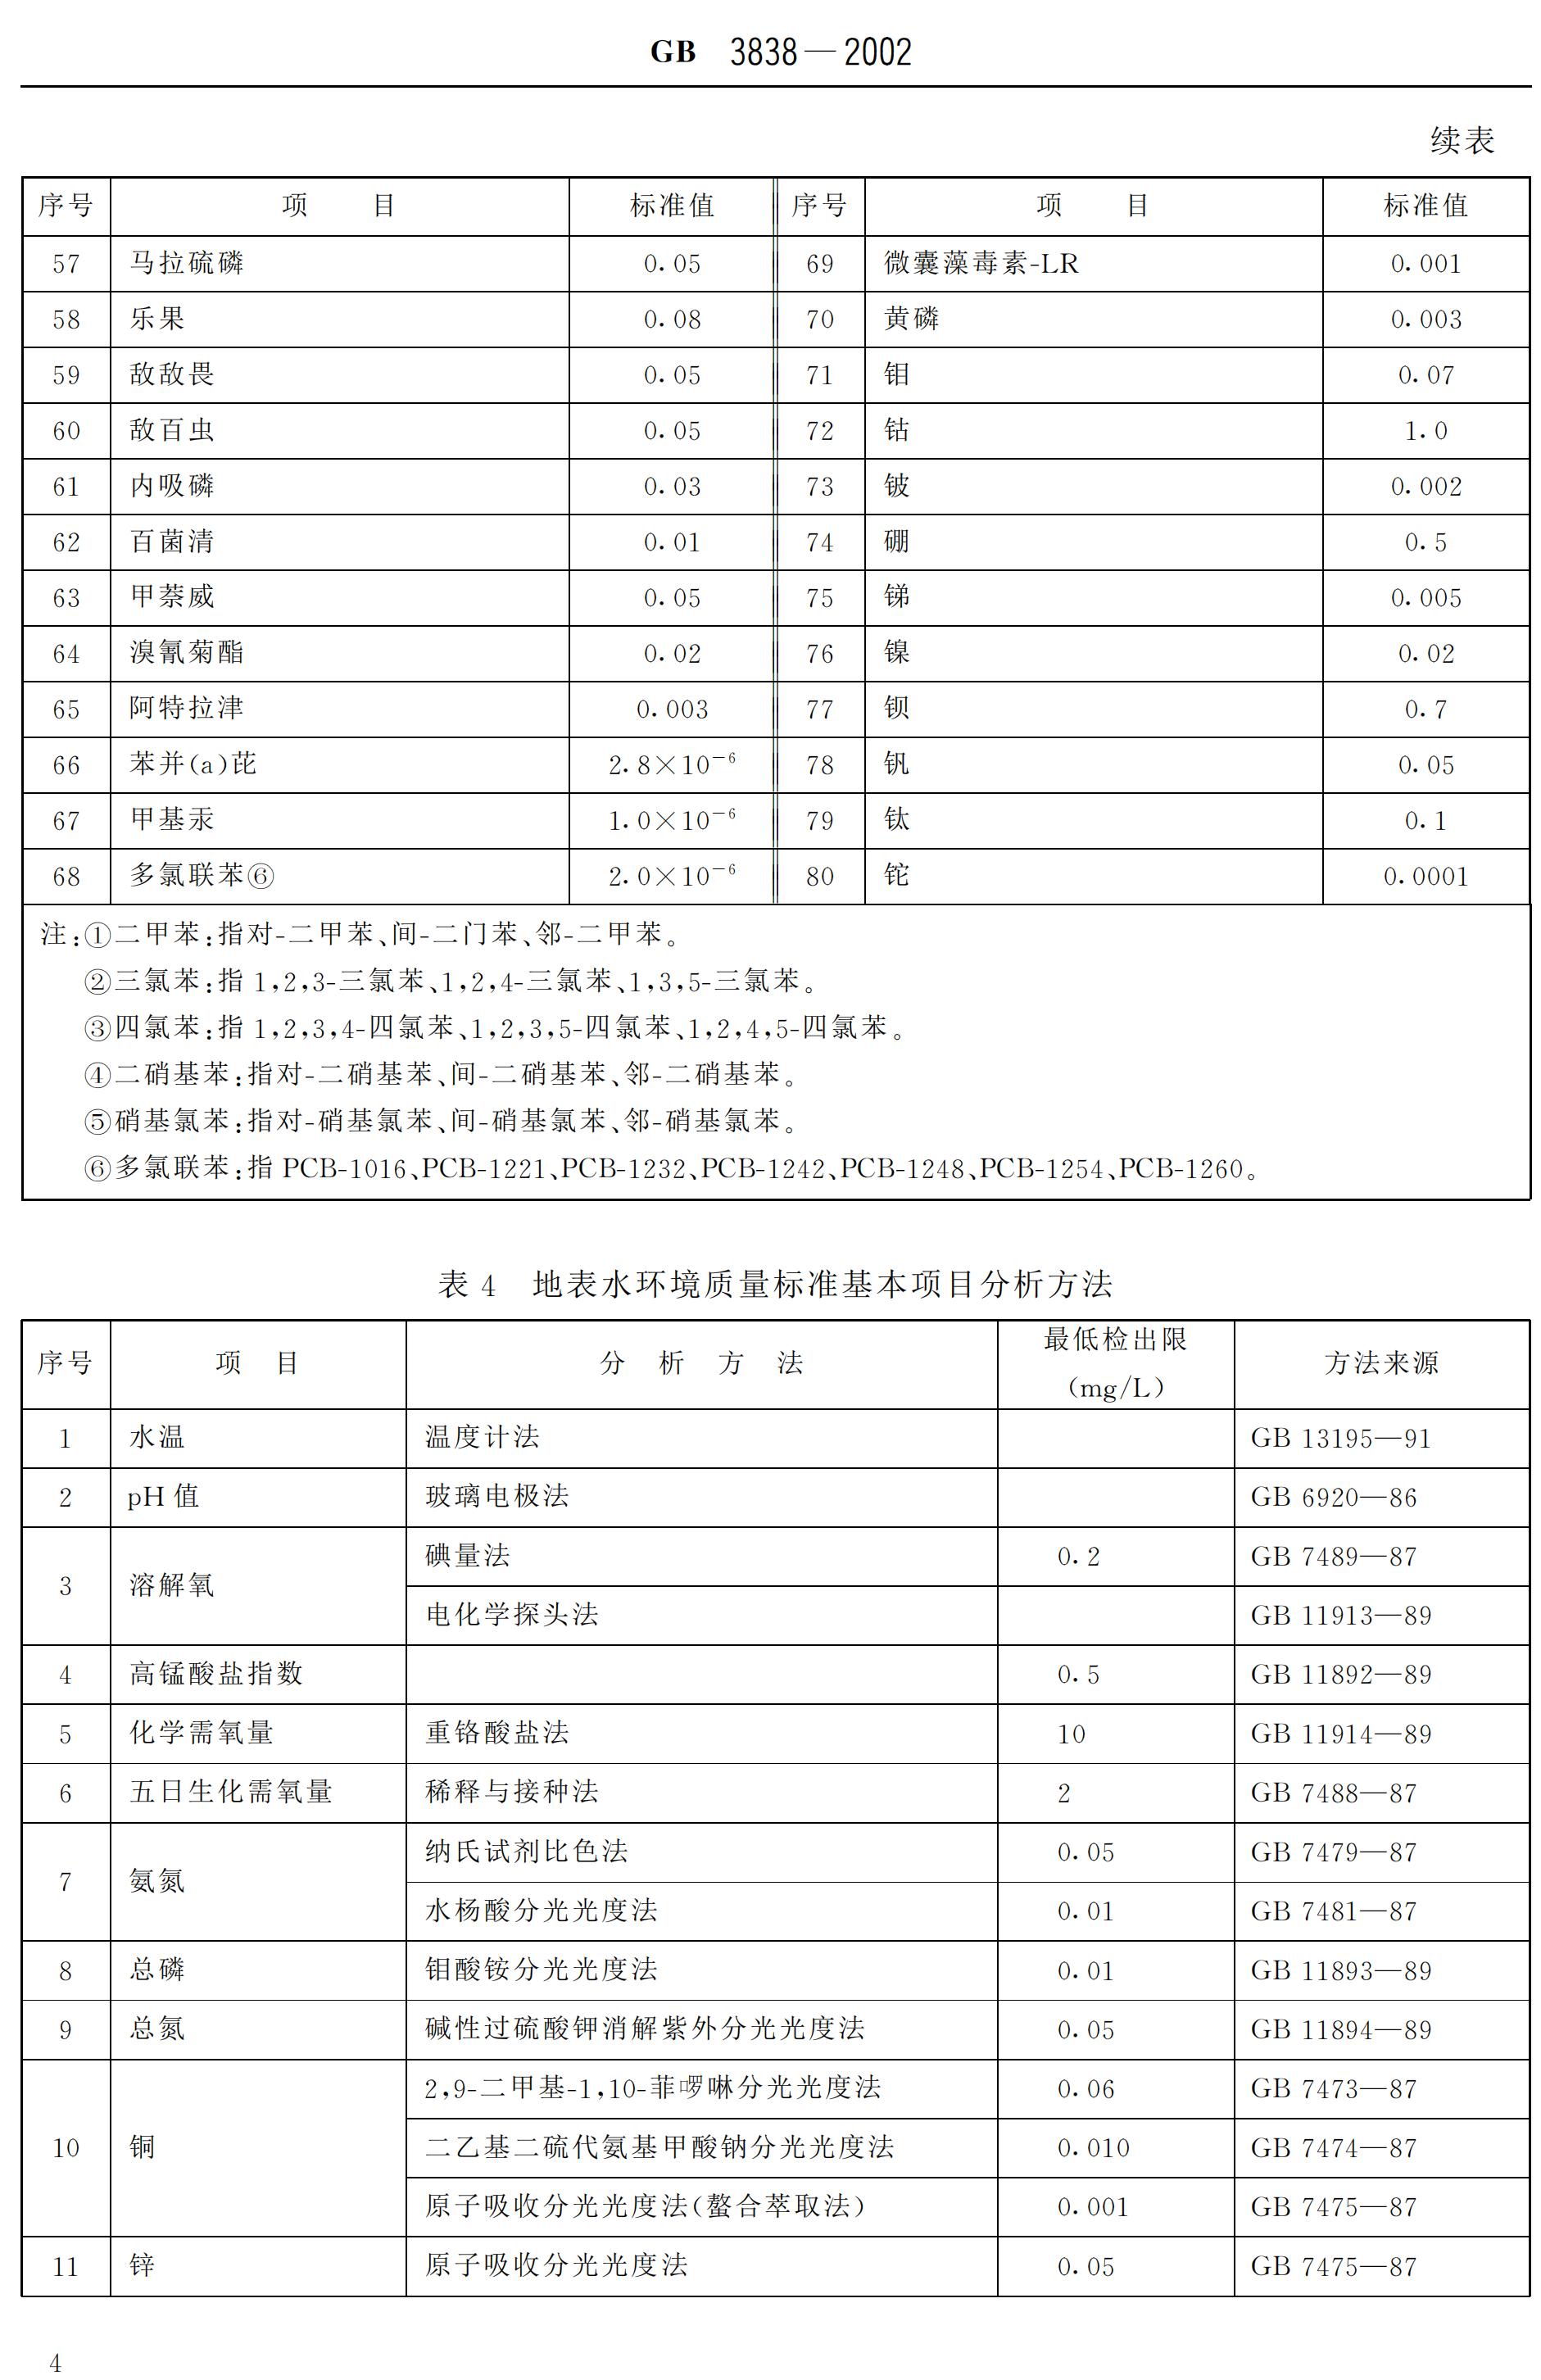 《地表水环境质量标准》GB3838-2002_05